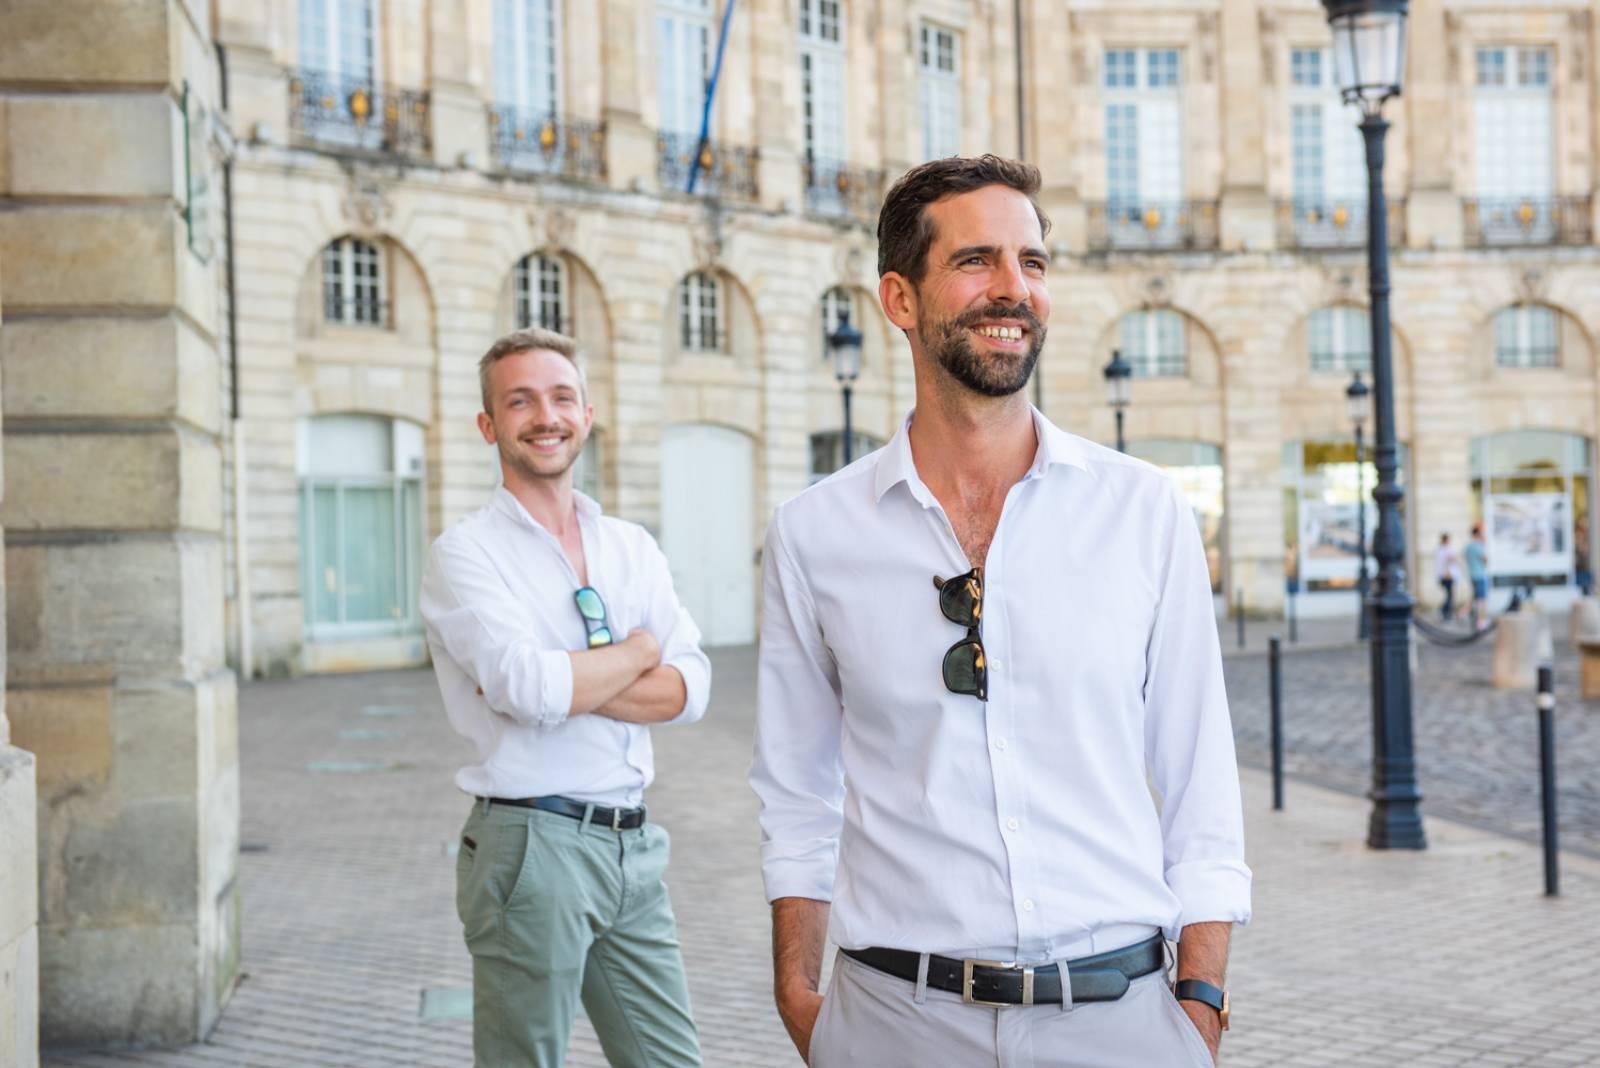 Le mariage de Paul & Ciprian à Bordeaux